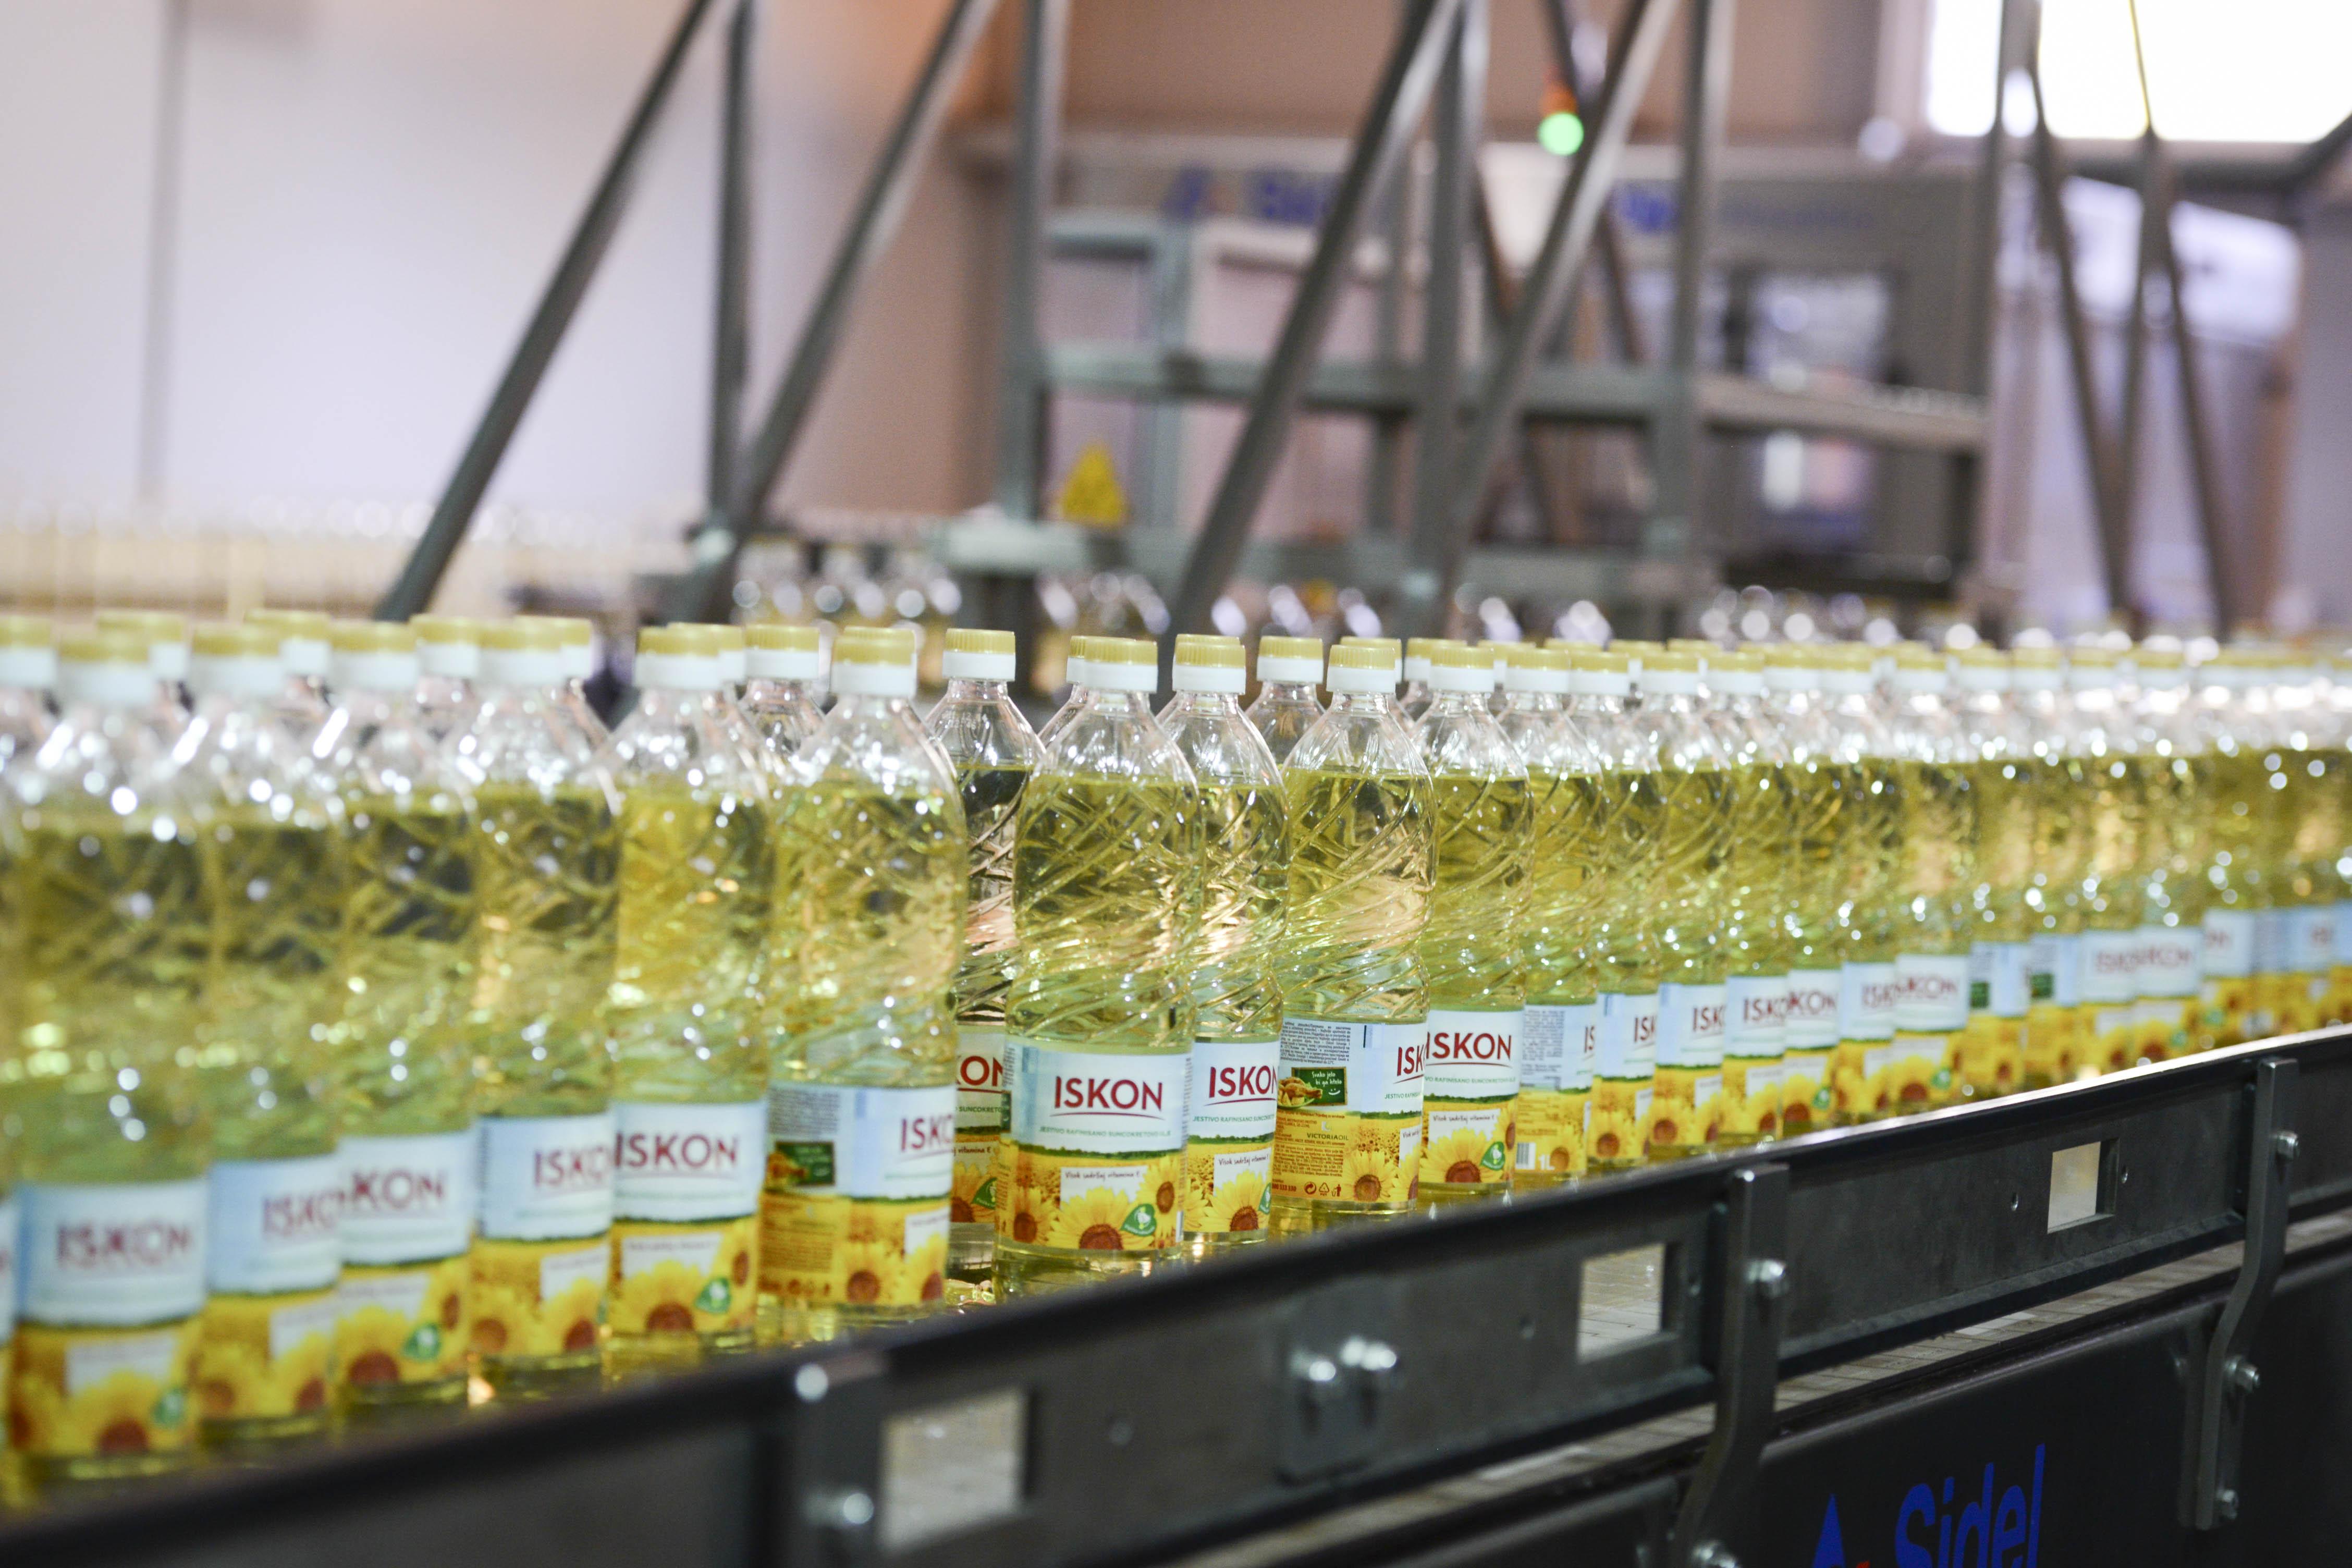 Proizvodna linija Iskon ulja 2